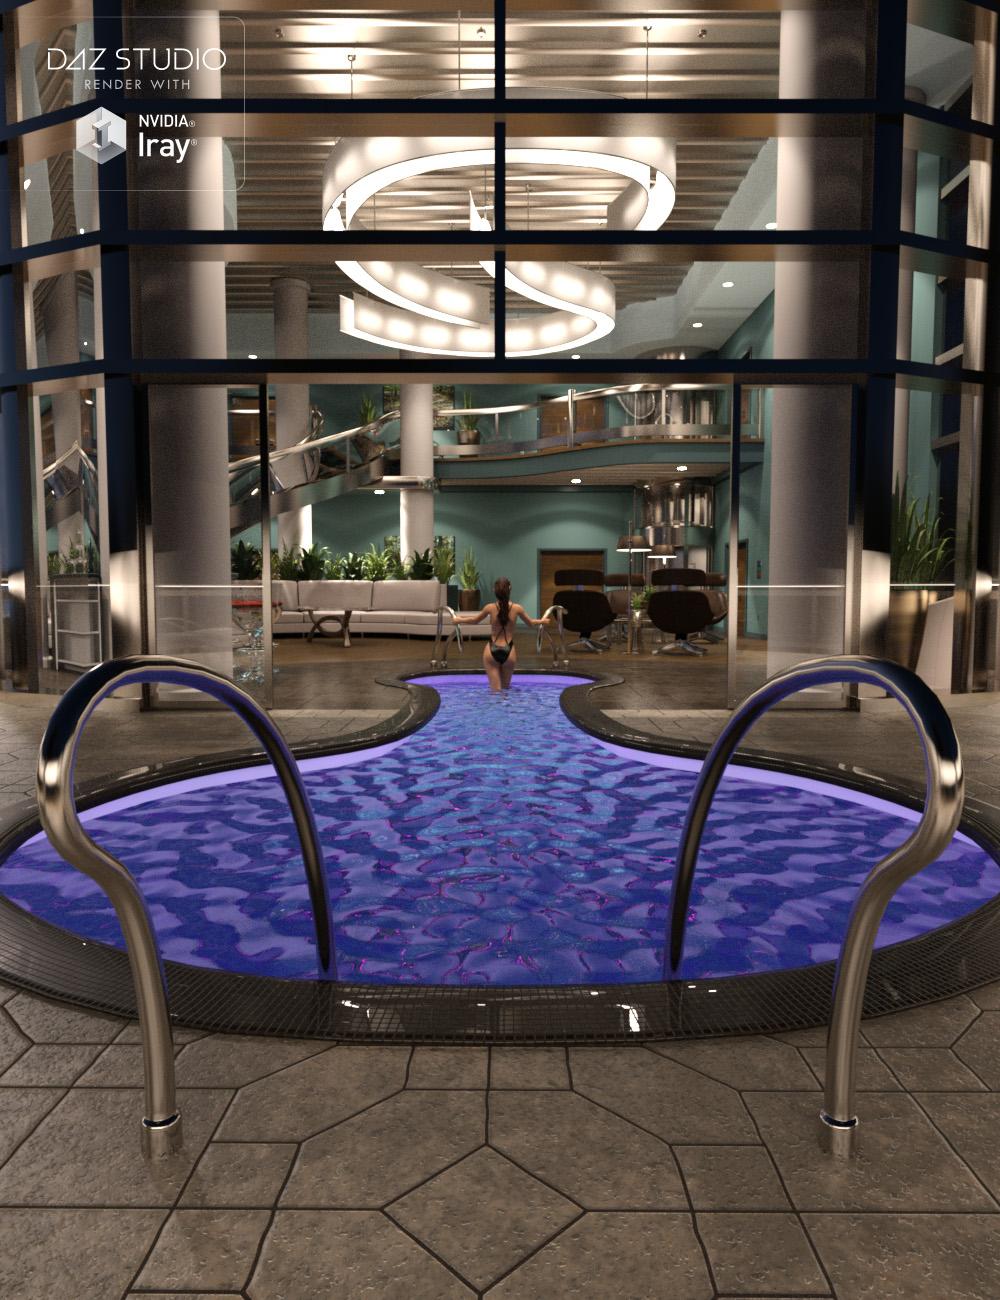 Penthouse Suite Level 1 by: Dumor3D, 3D Models by Daz 3D